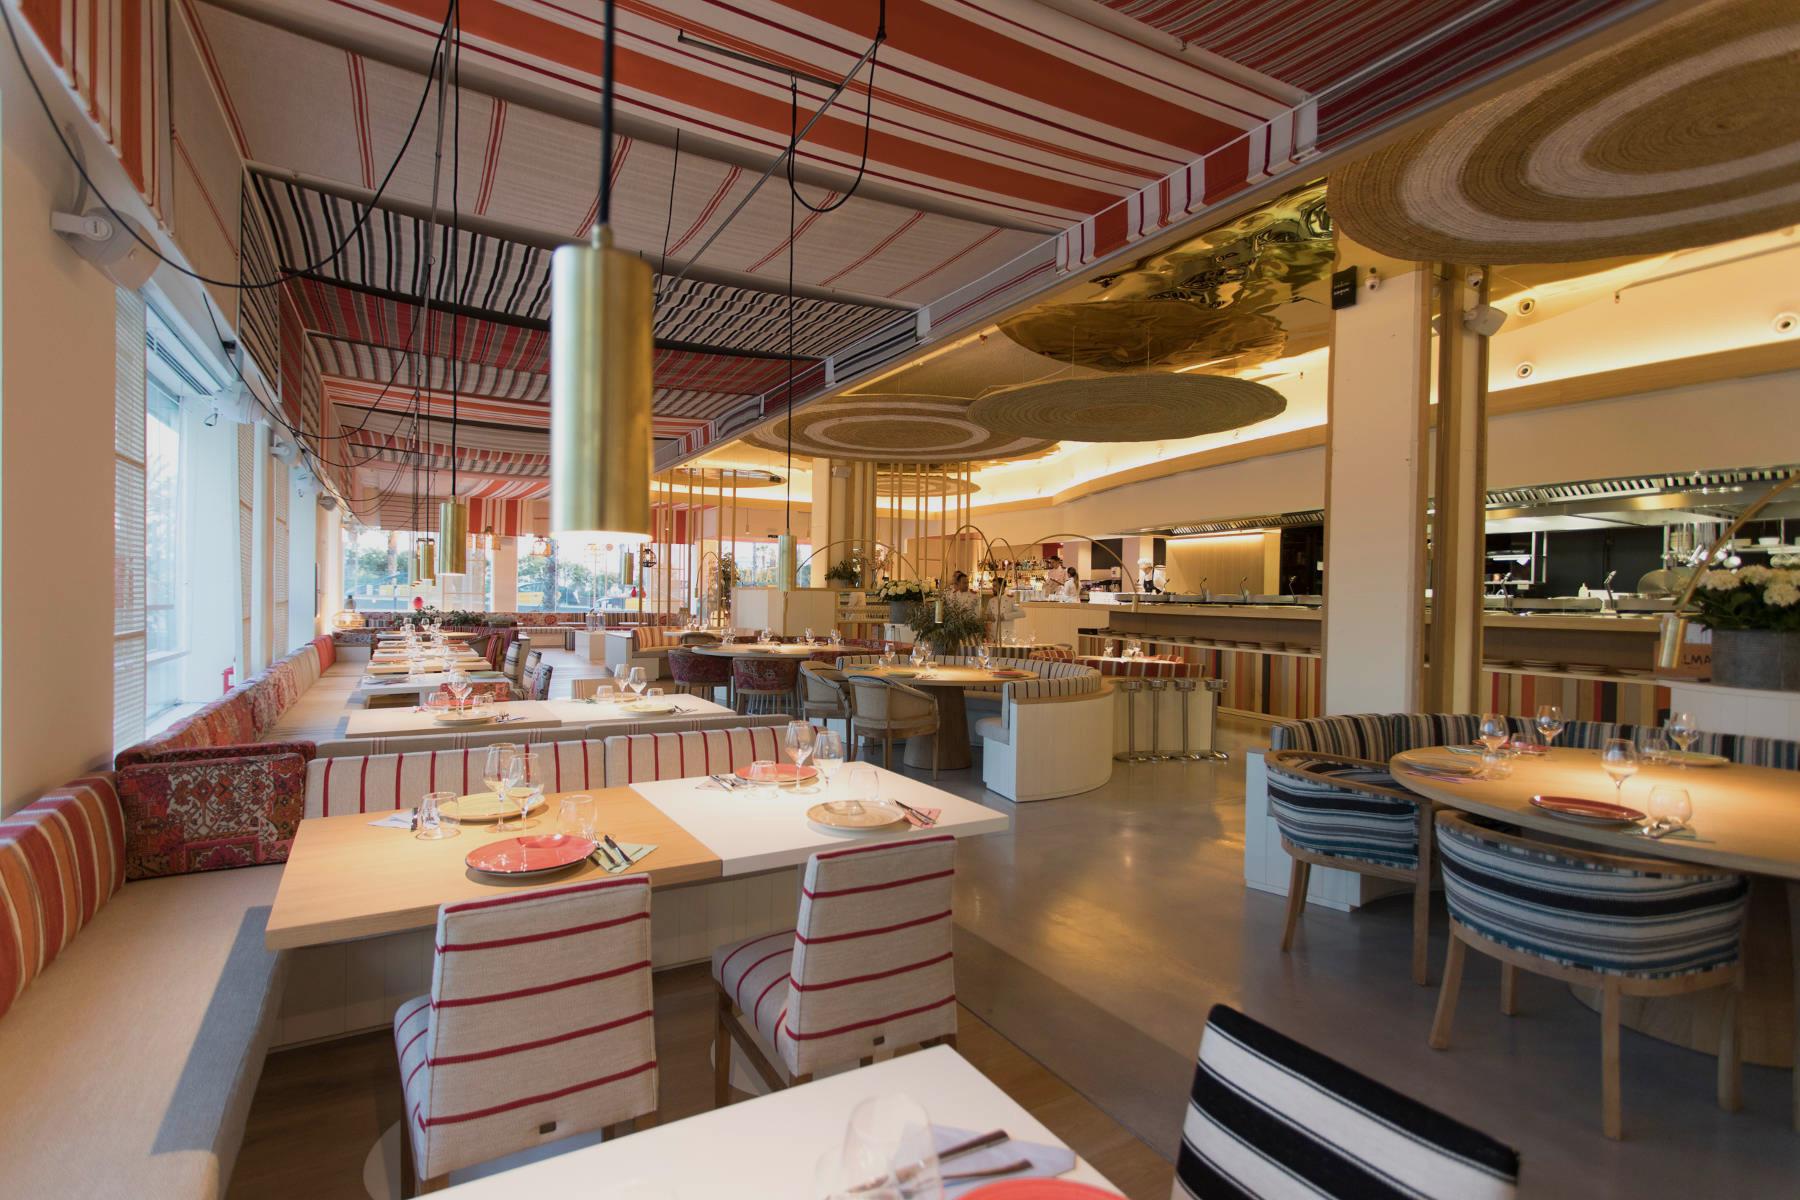 Restaurante de paella en Barceloneta - Mana 75